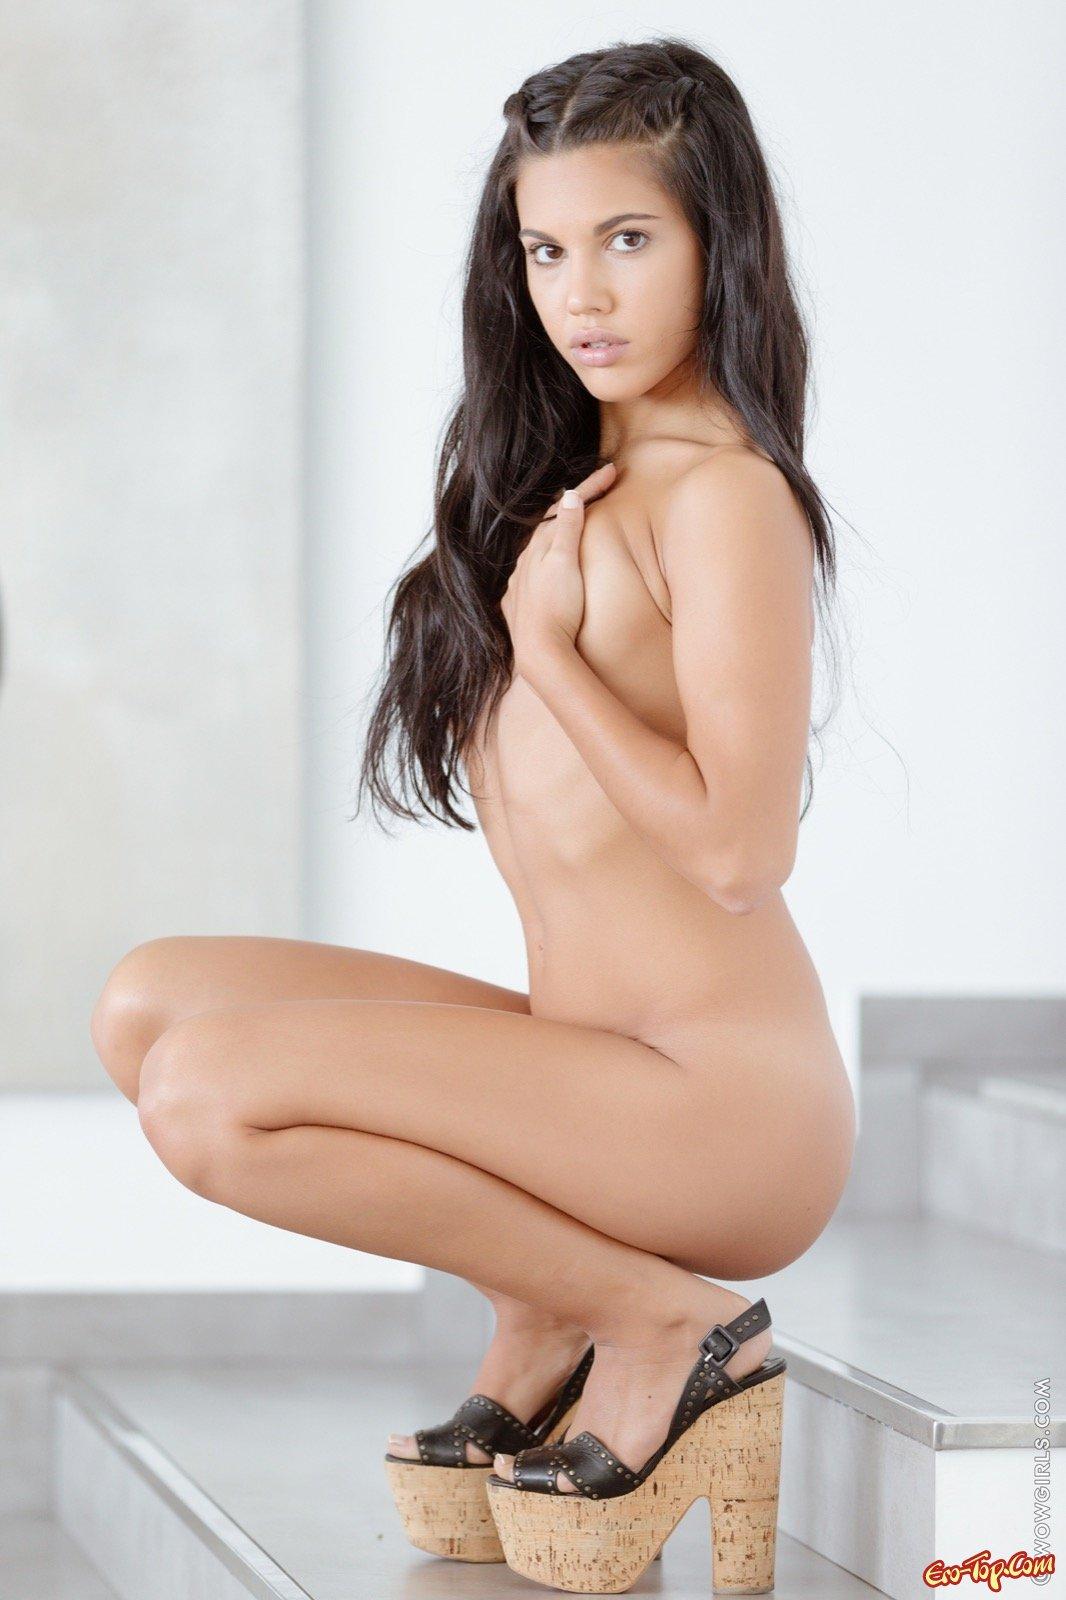 Плоская девка с откровенной сракой и пилоткой секс фото